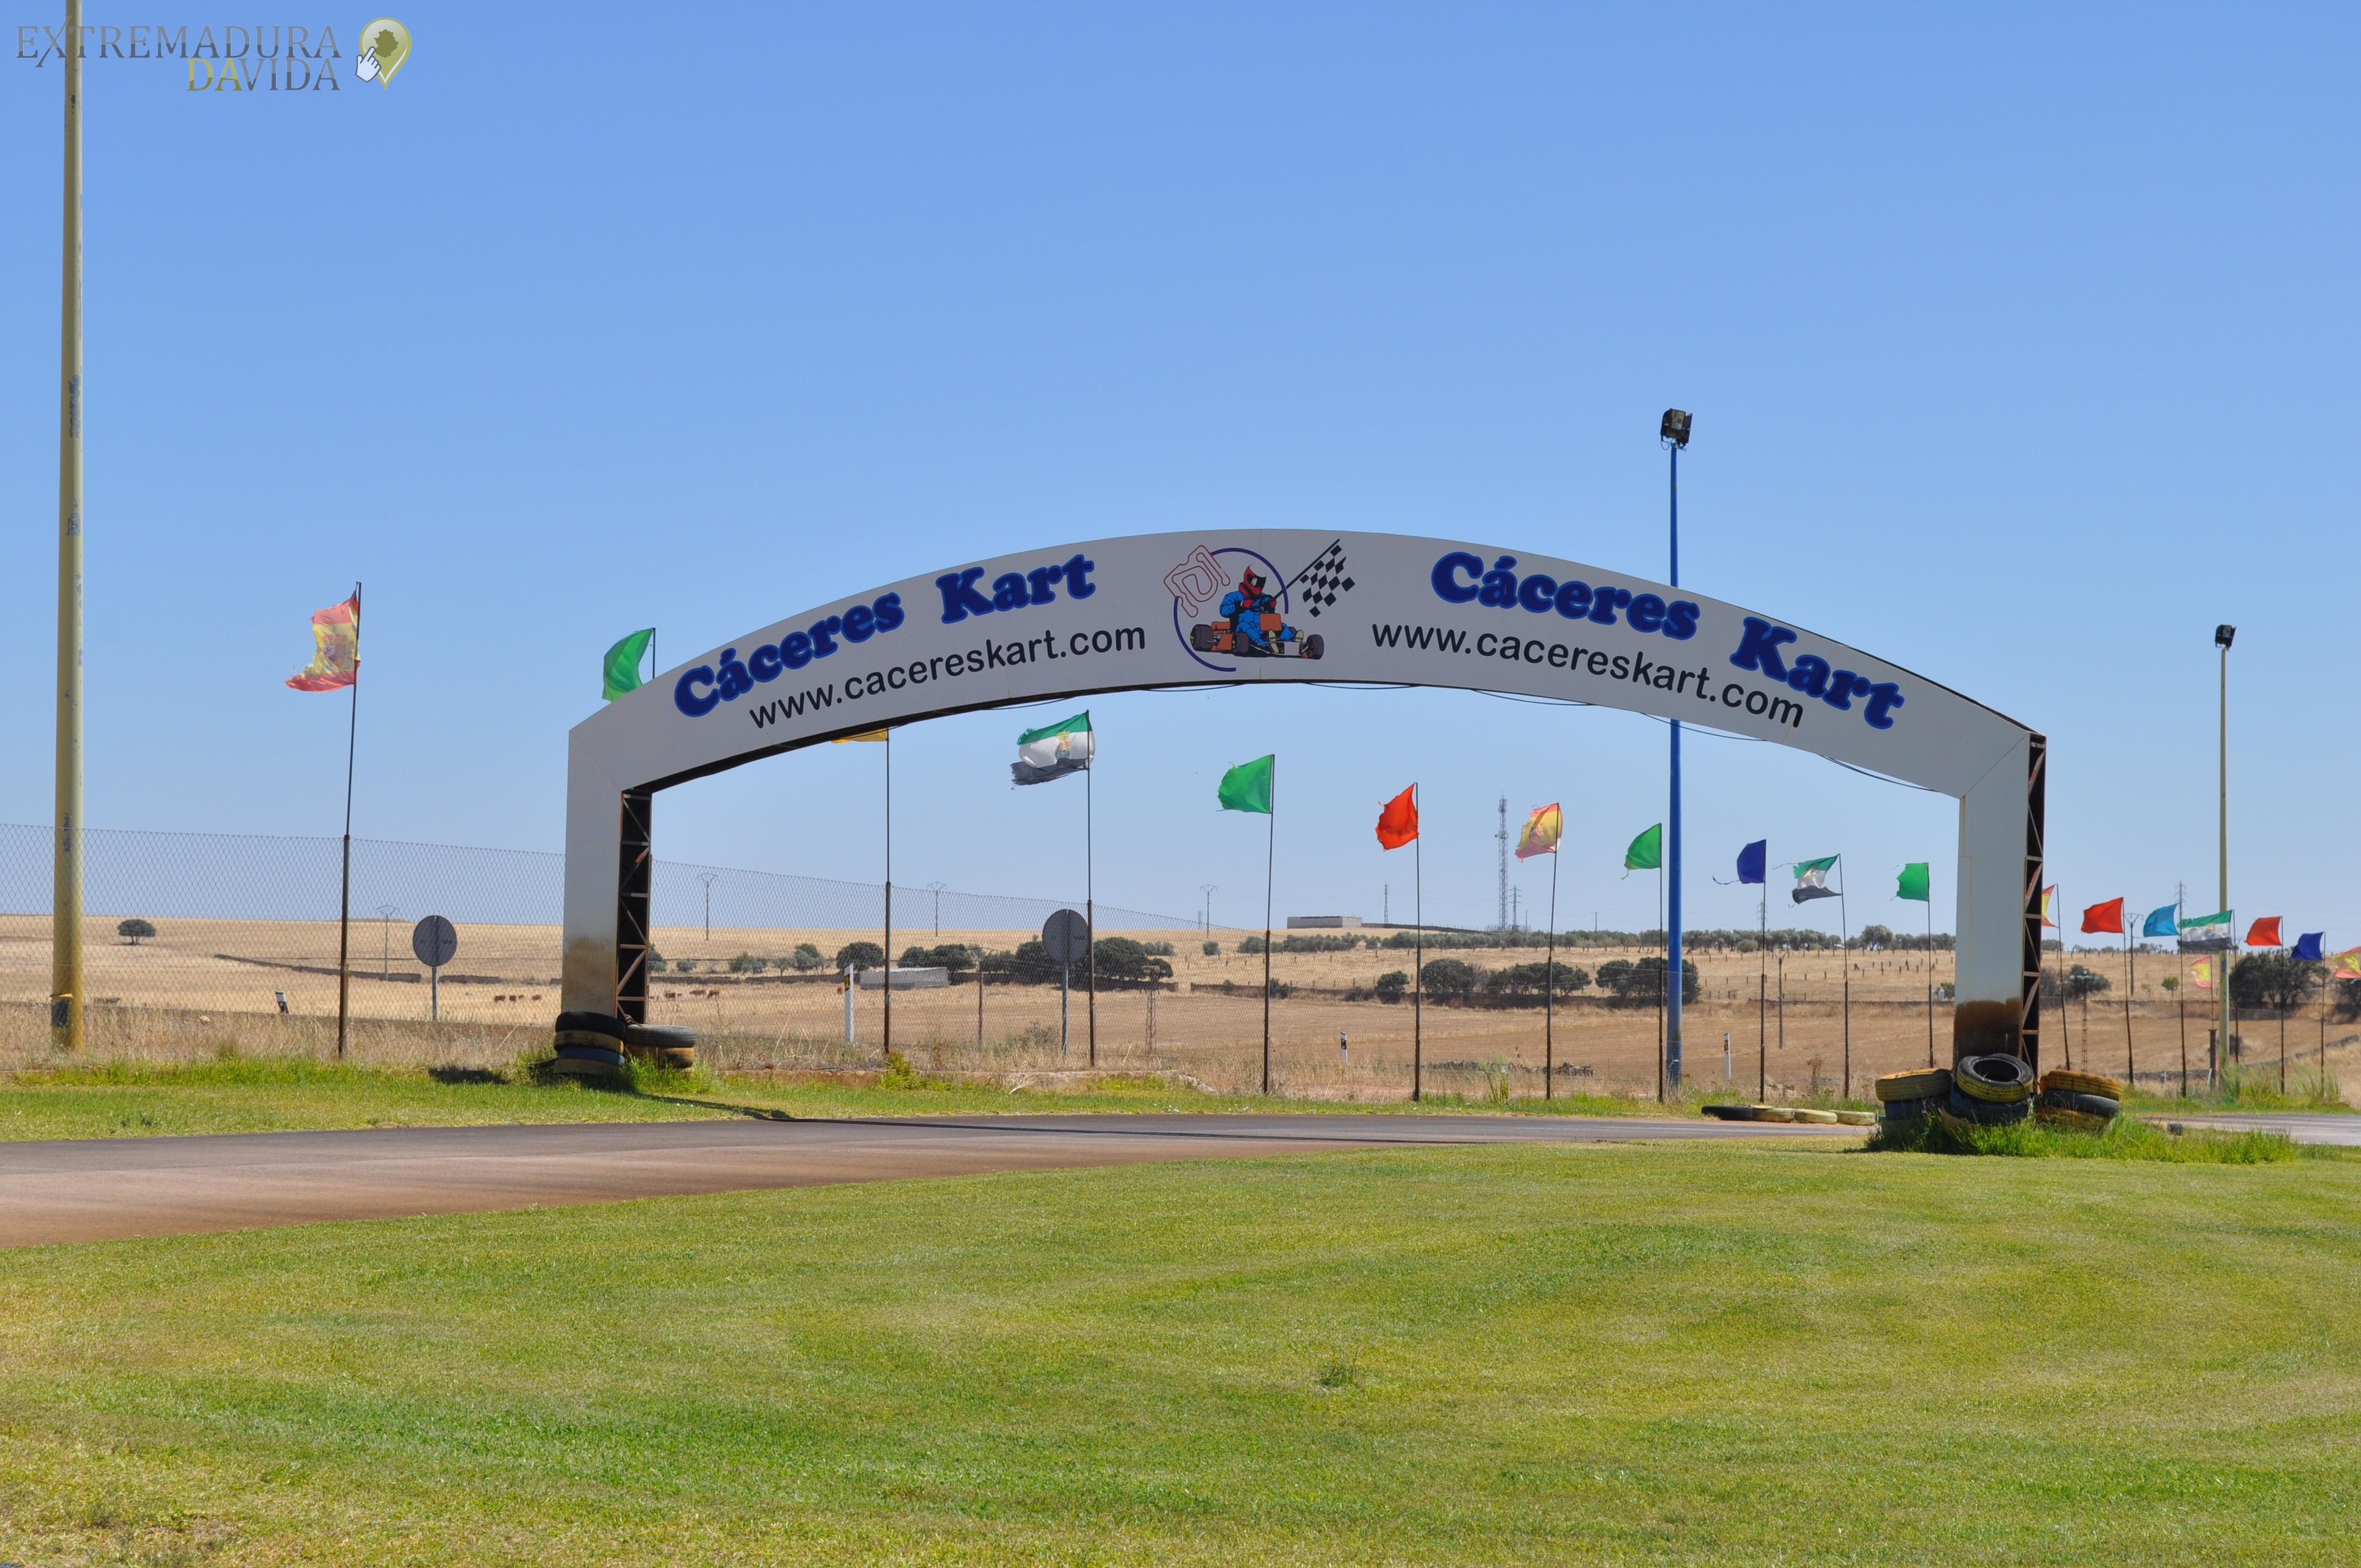 CENTRO DE OCIO EN CACERES CACERES KART